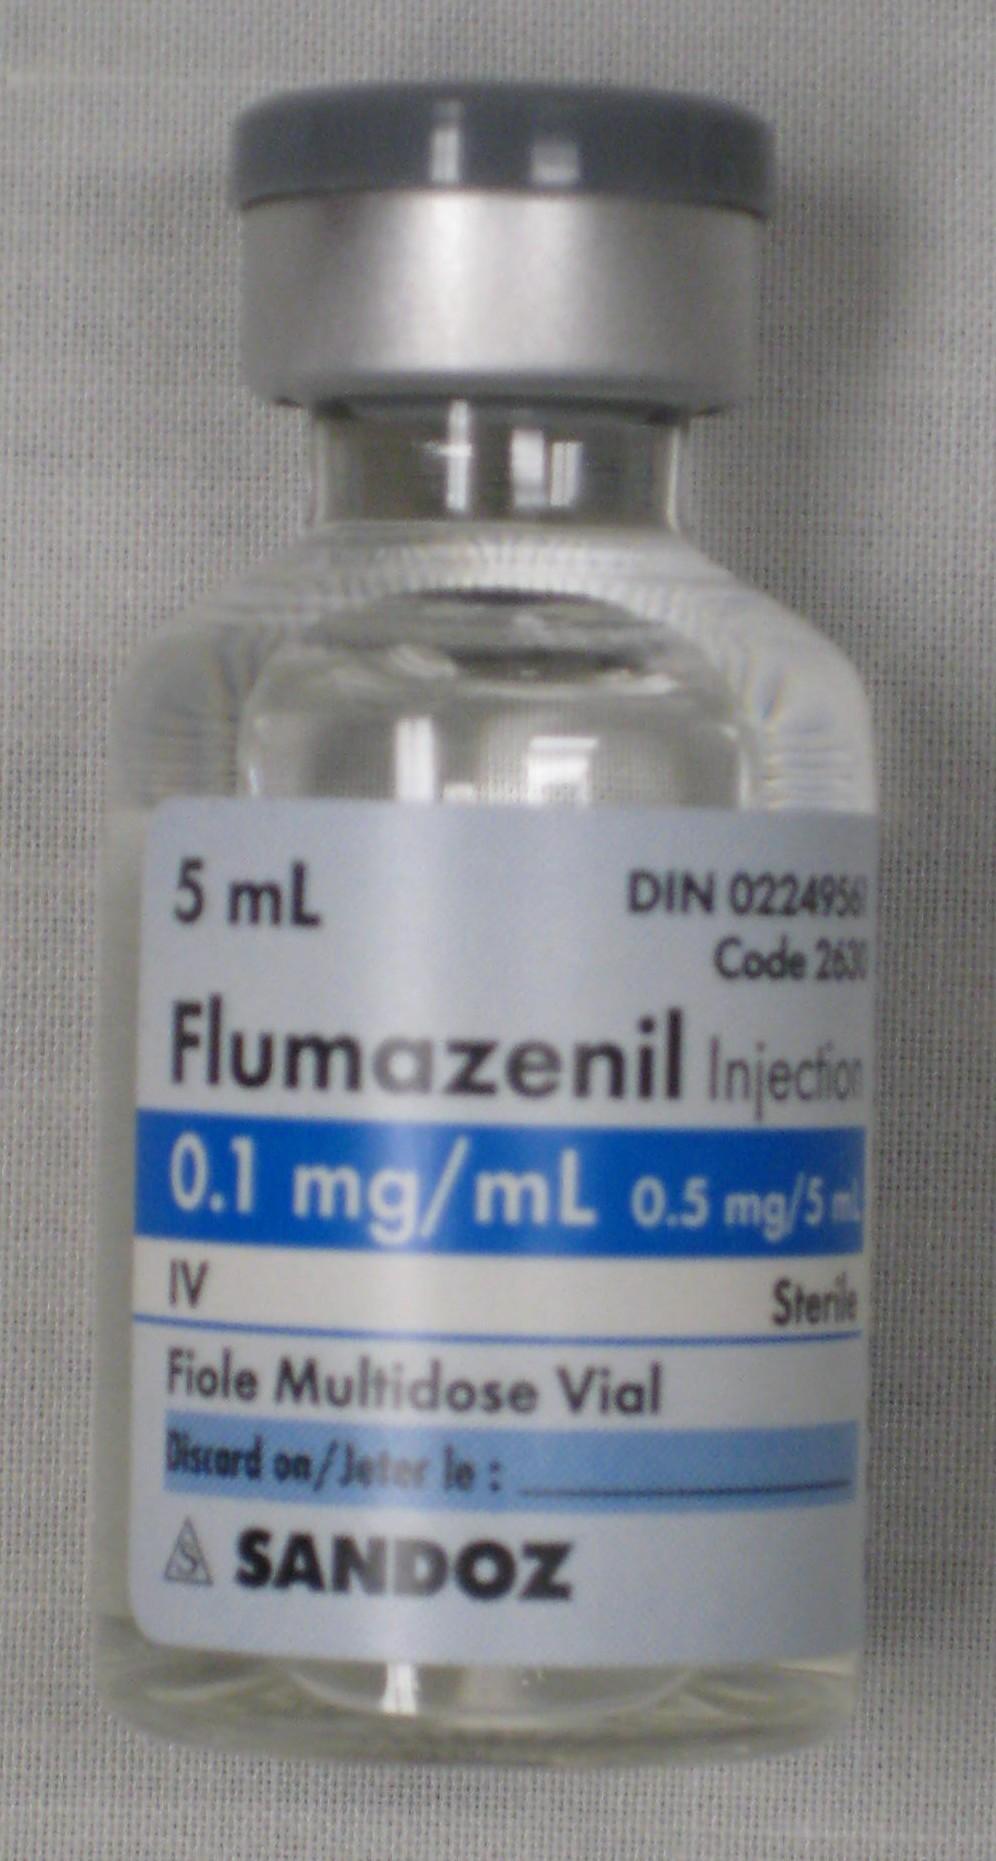 Para qué sirve la pastilla gabapentin